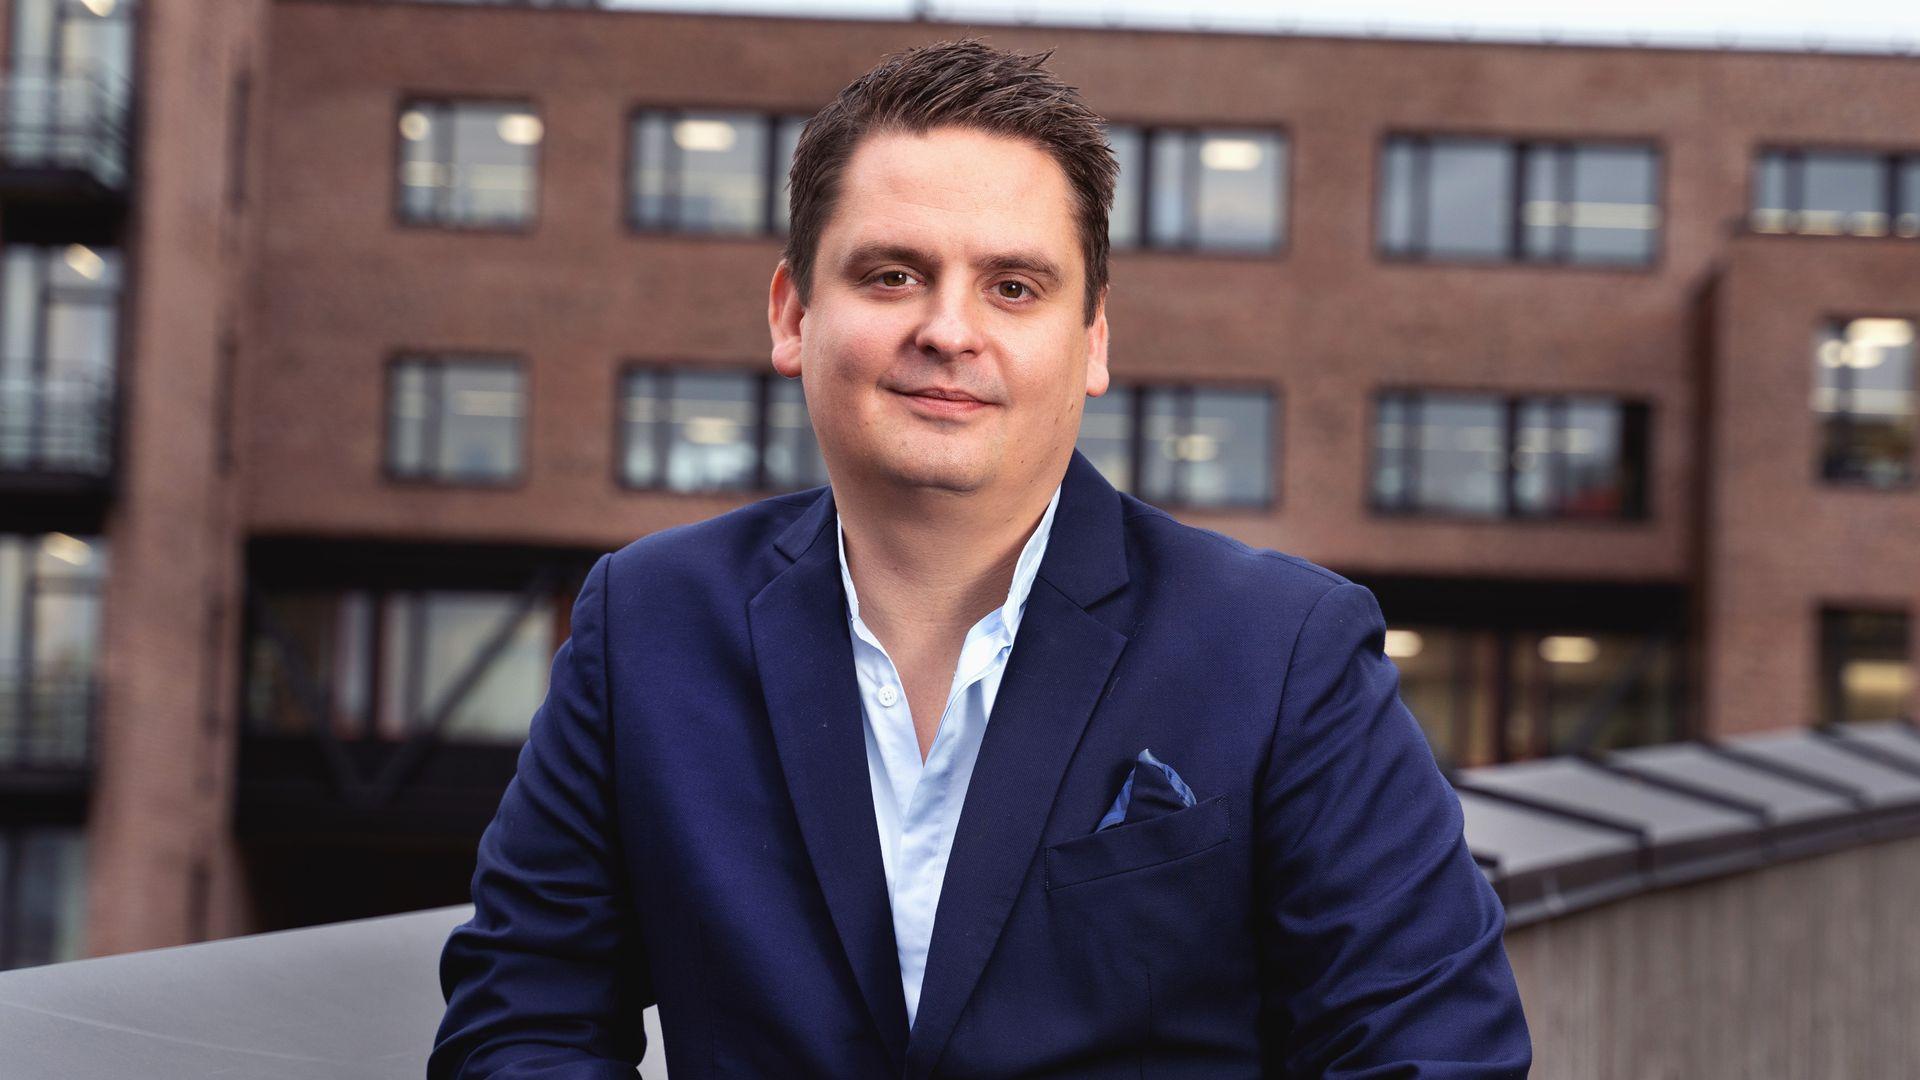 ANNONSE: El-gründer Thommy Stenvik om topp 3 FinTech- trender i 2021